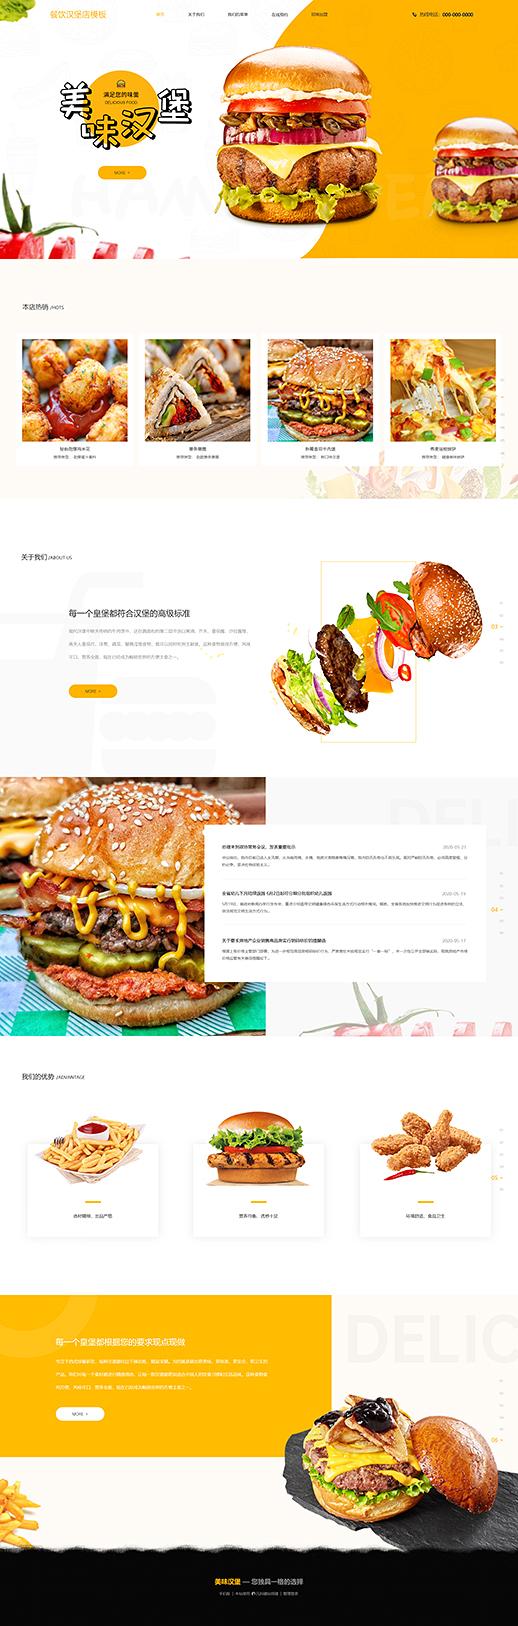 优选餐饮汉堡店